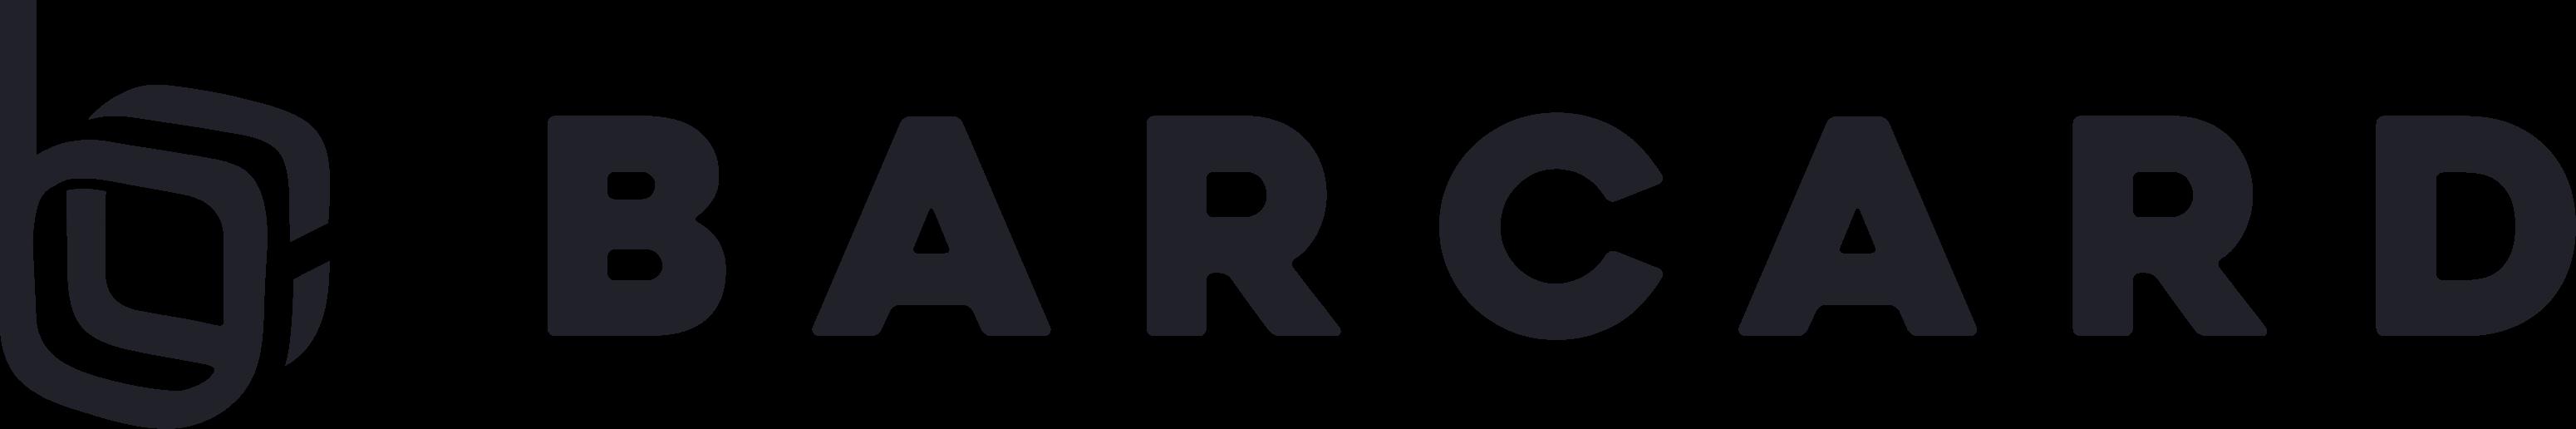 BarCard logo